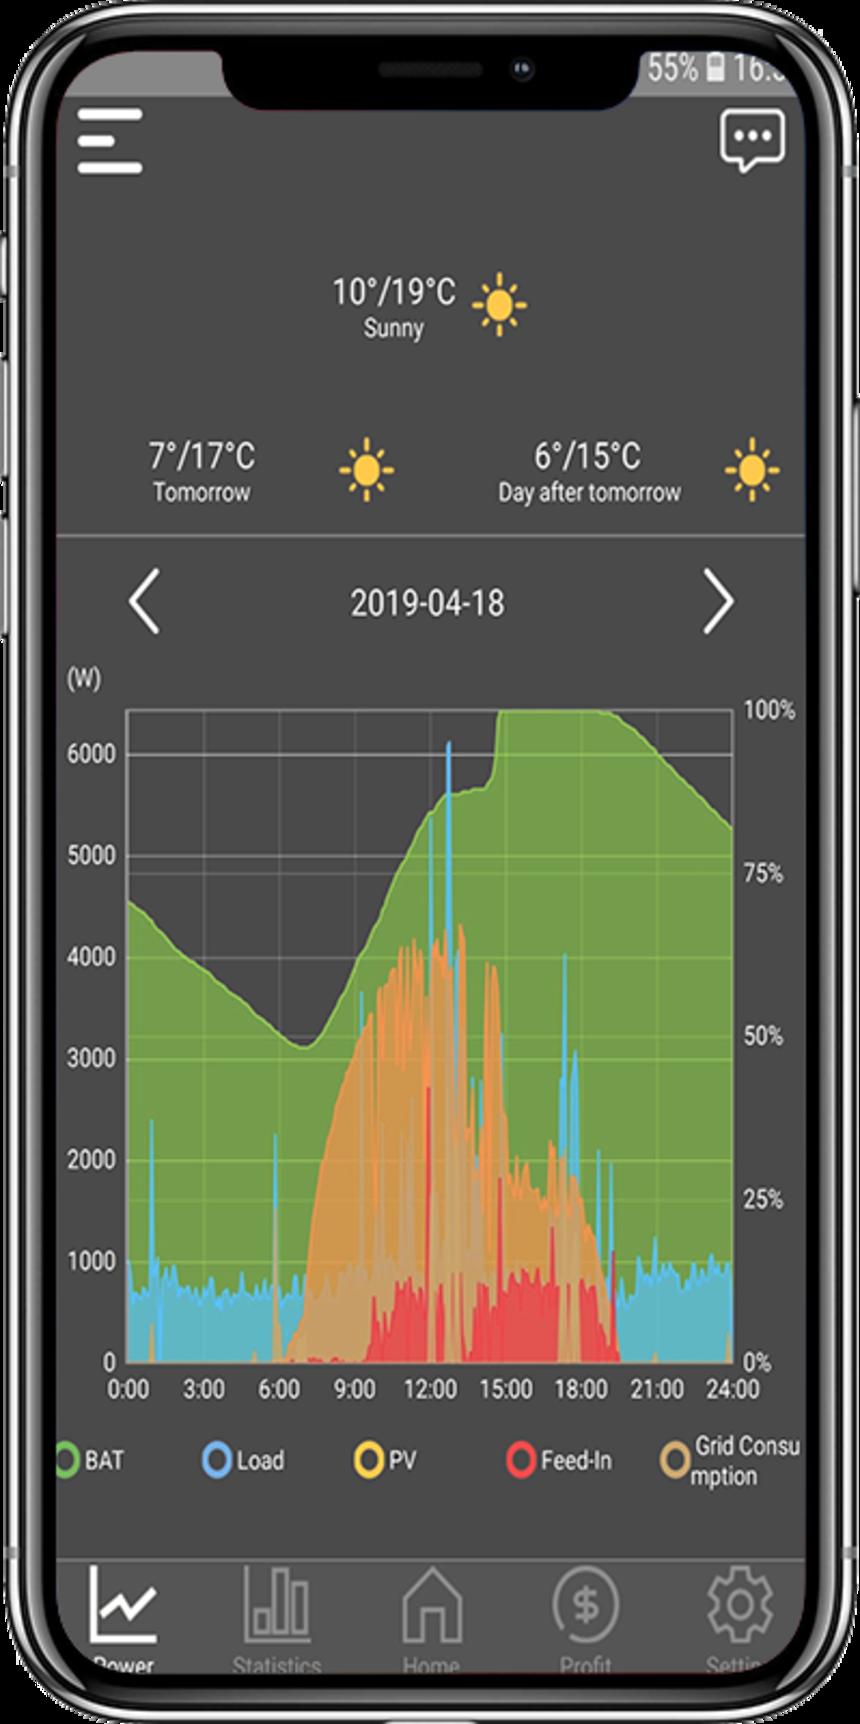 Chytrá aplikace ukazuje statistiky energetické soběstačnosti